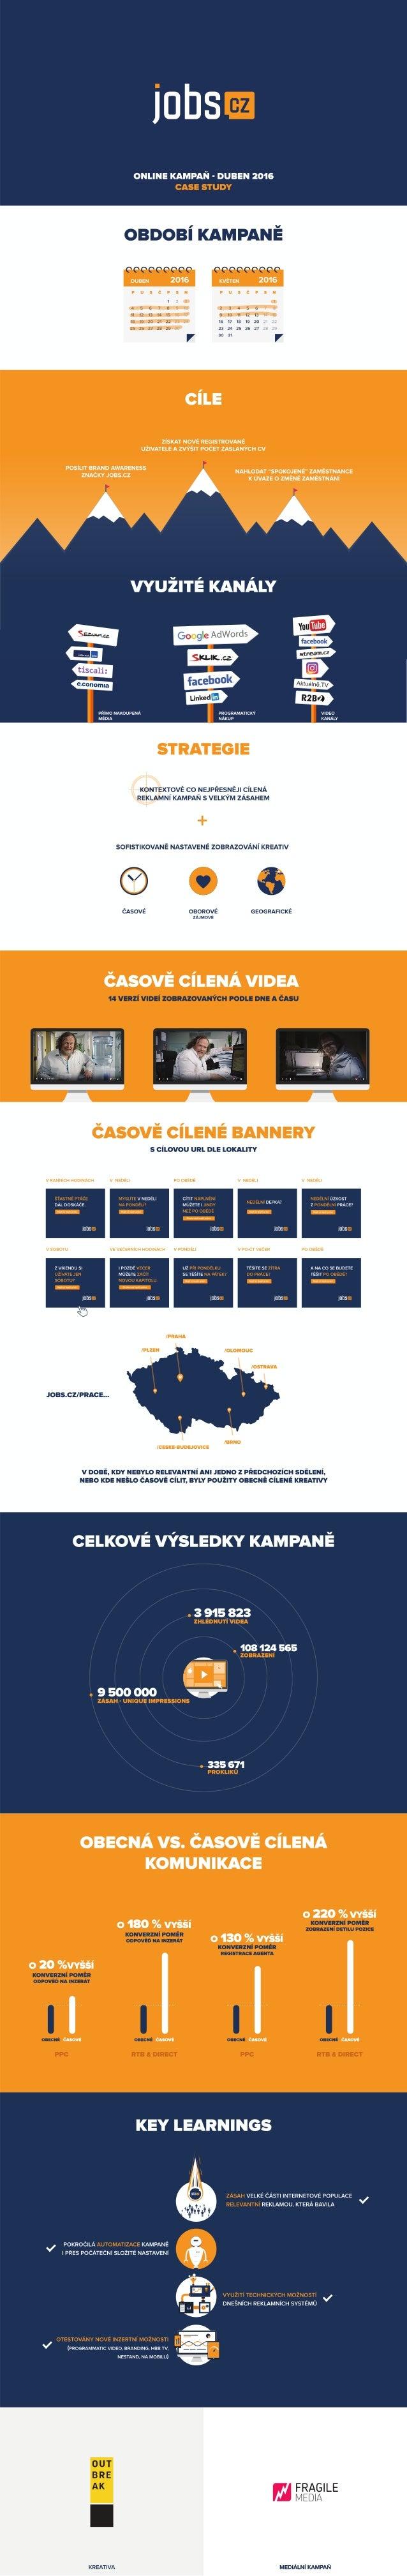 Case study: jobs.cz